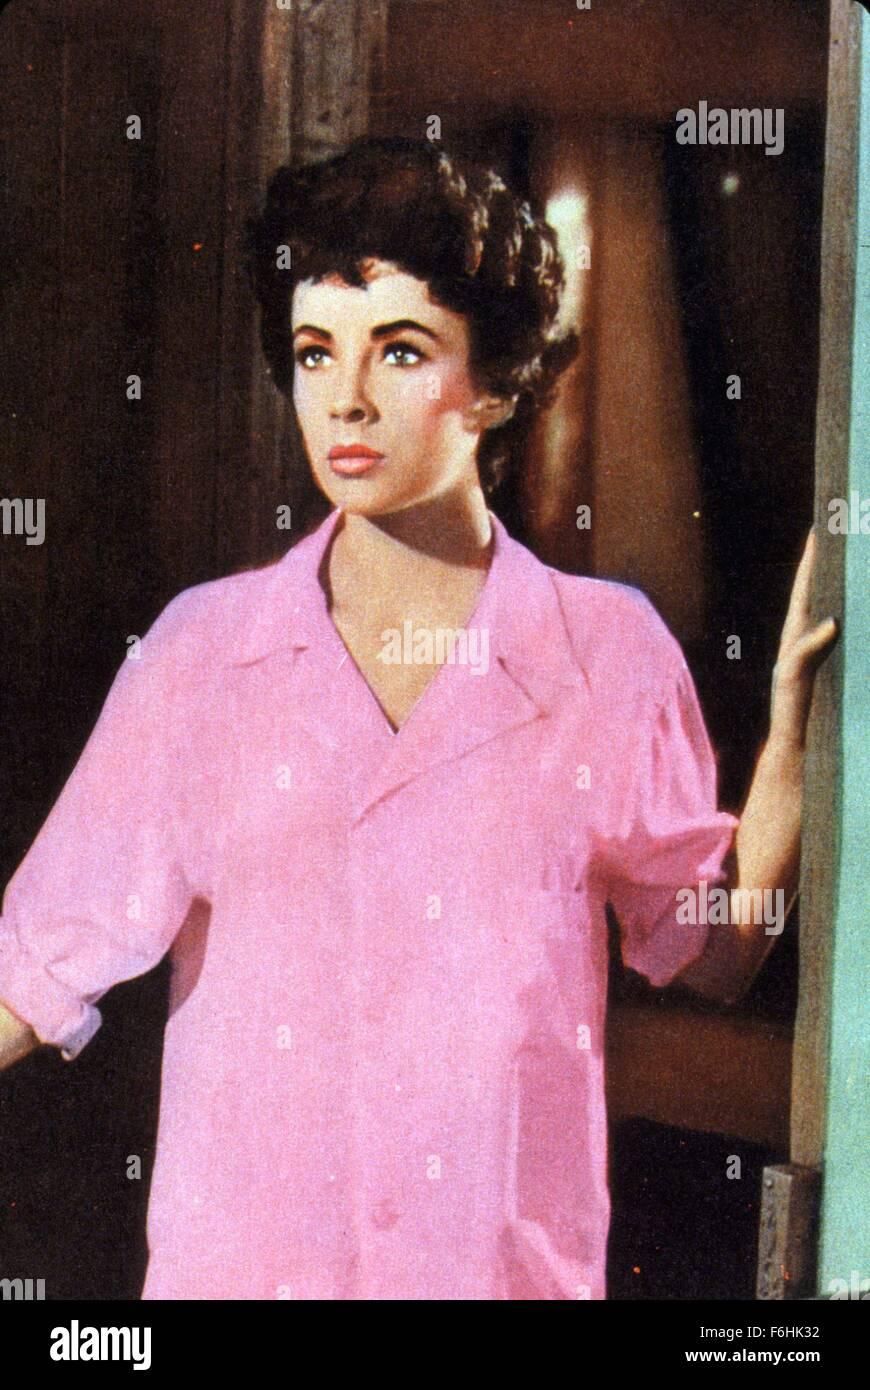 Elizabeth Taylor Dress Imágenes De Stock & Elizabeth Taylor Dress ...